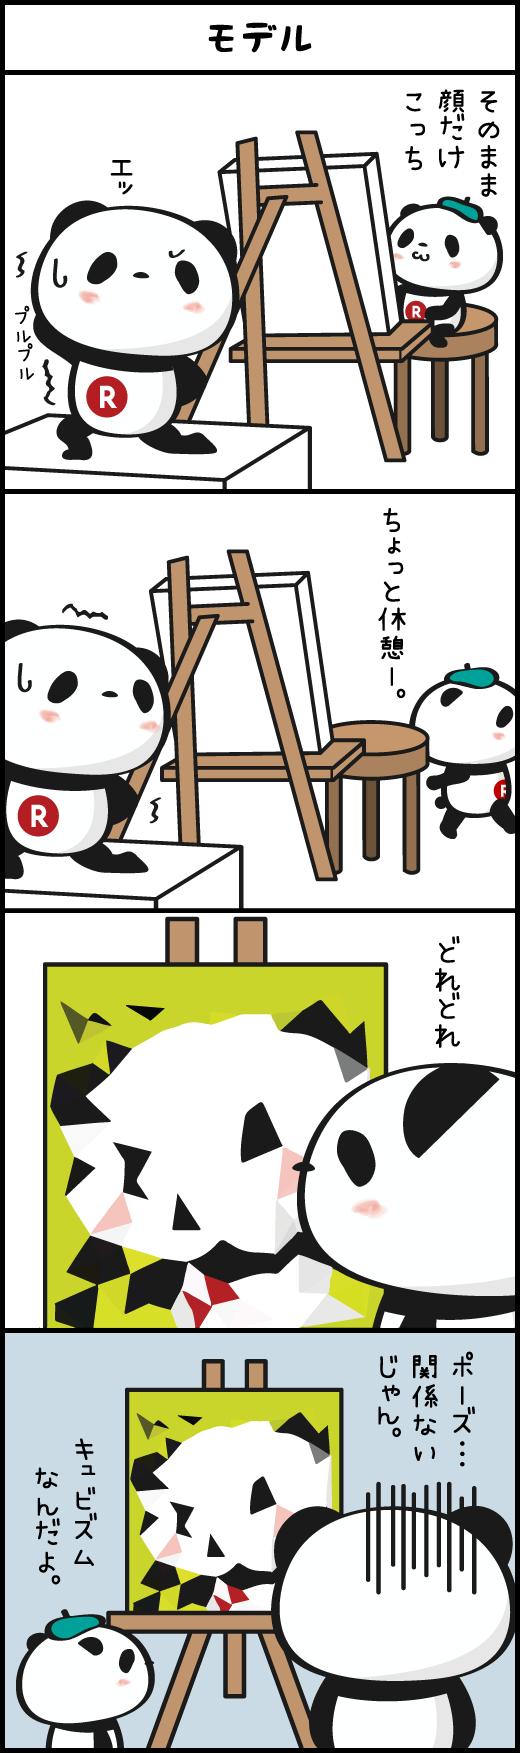 お買いものパンダ 楽天公式 Rakuten Panda Artofit